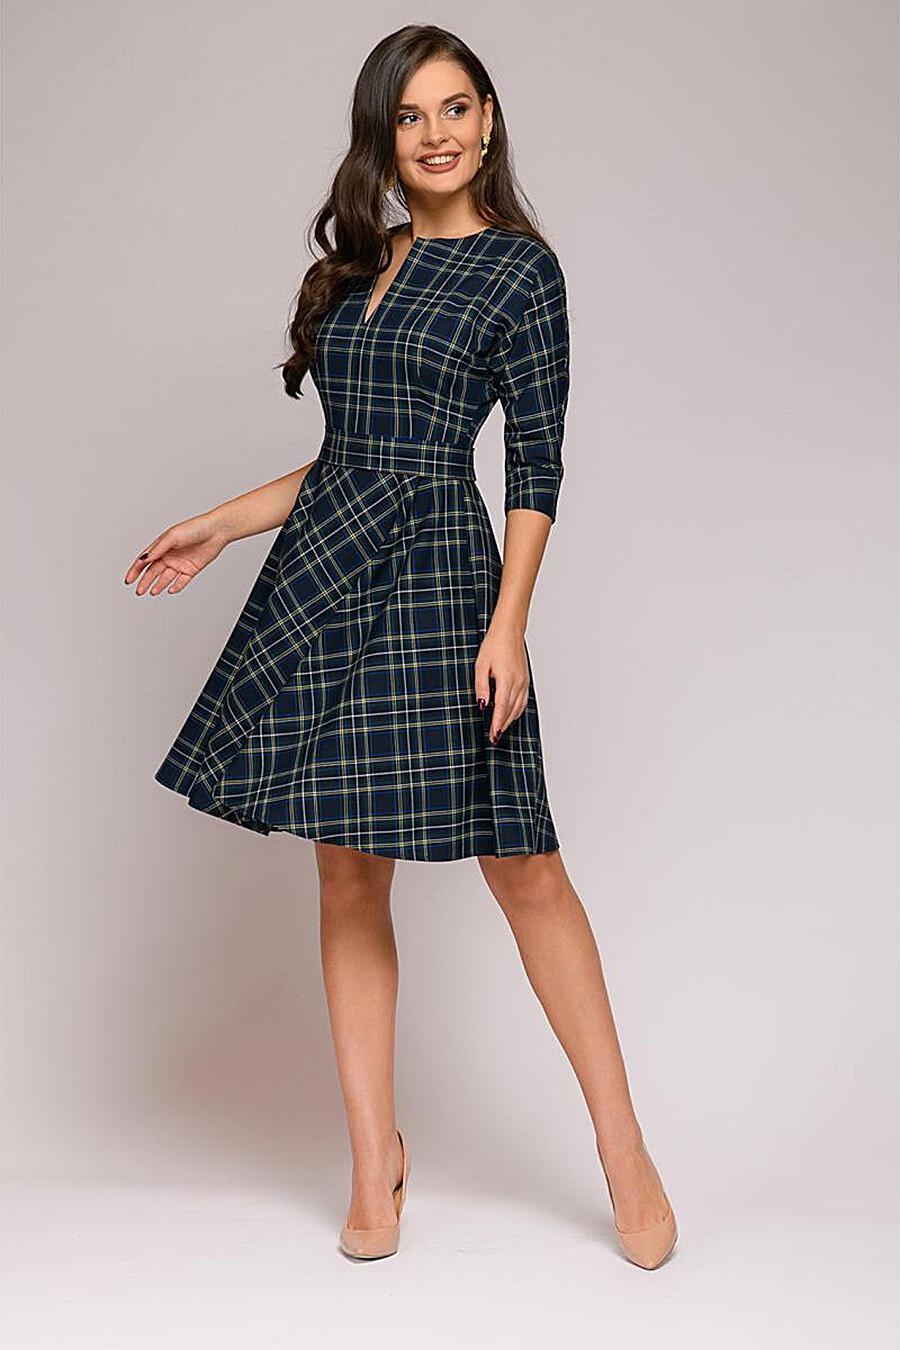 Платье для женщин 1001 DRESS 169546 купить оптом от производителя. Совместная покупка женской одежды в OptMoyo